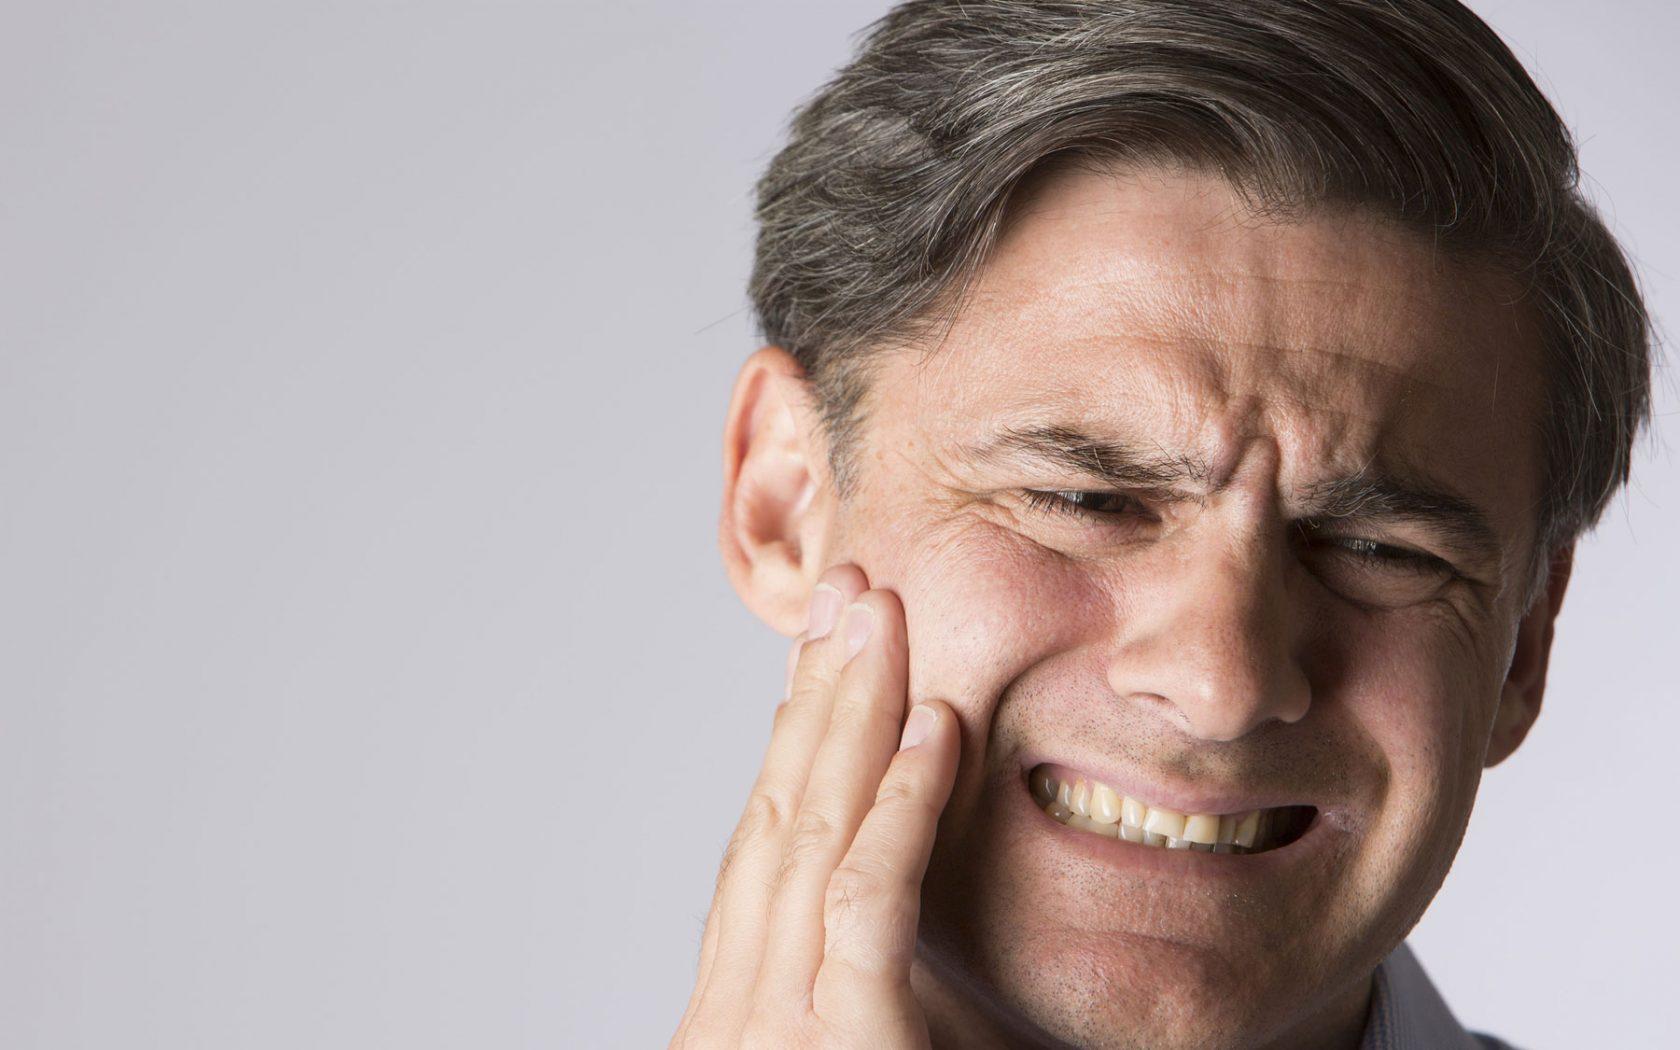 Παθήσεις των δοντιών και των ούλων